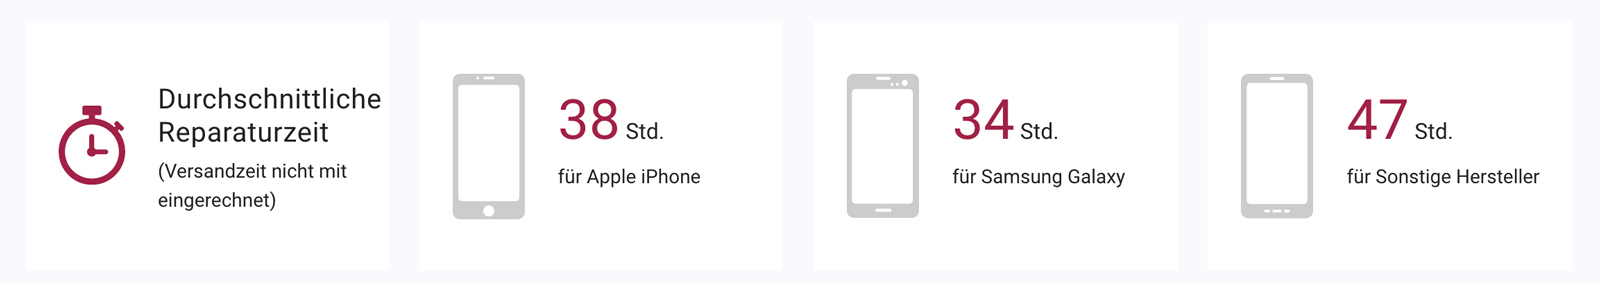 Wertgarantie Reparaturzeiten von iPhones, Galaxy Smartphones und sonstigen Handys